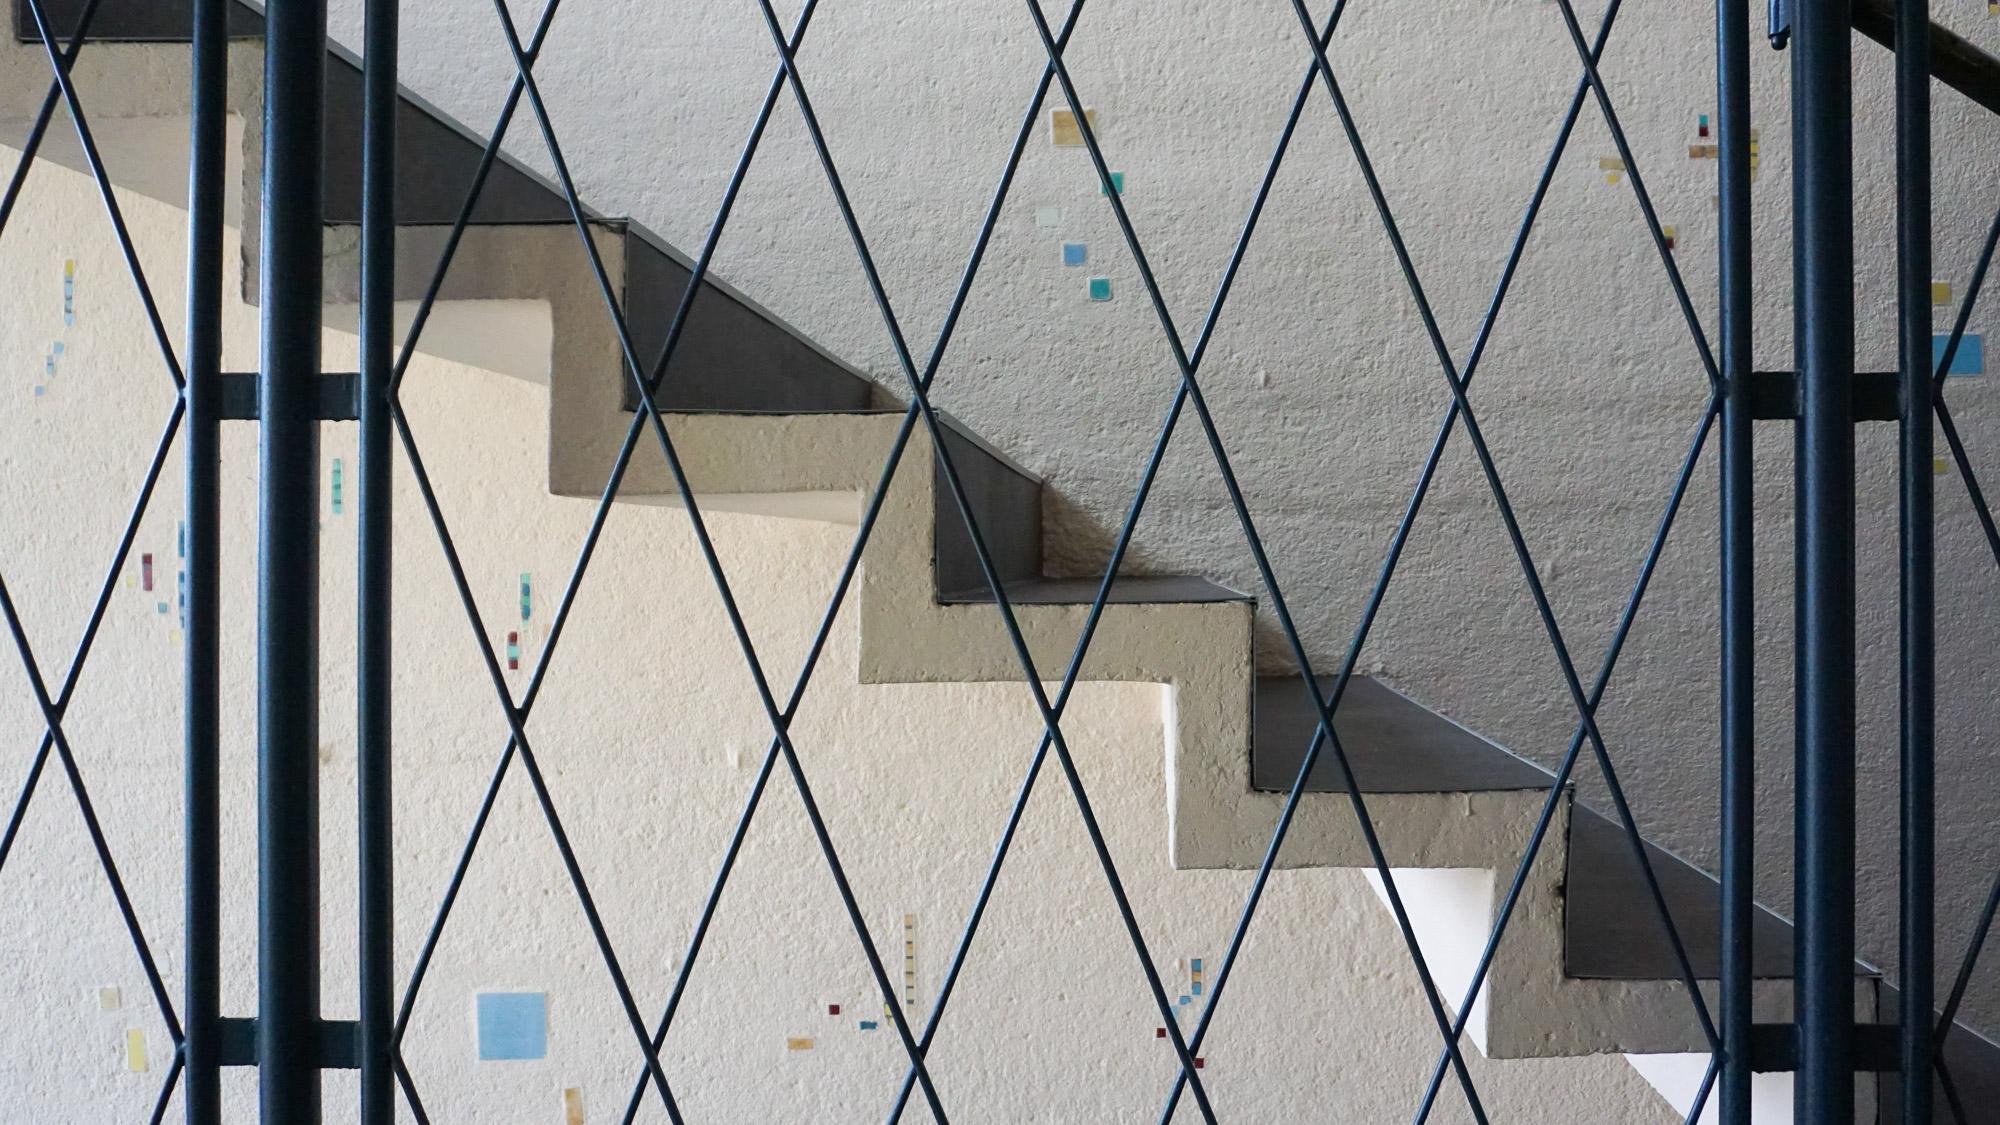 Detail einer filigranen Treppe mit Metallgeländer und kleinen Keramikverzierungen an der Wand